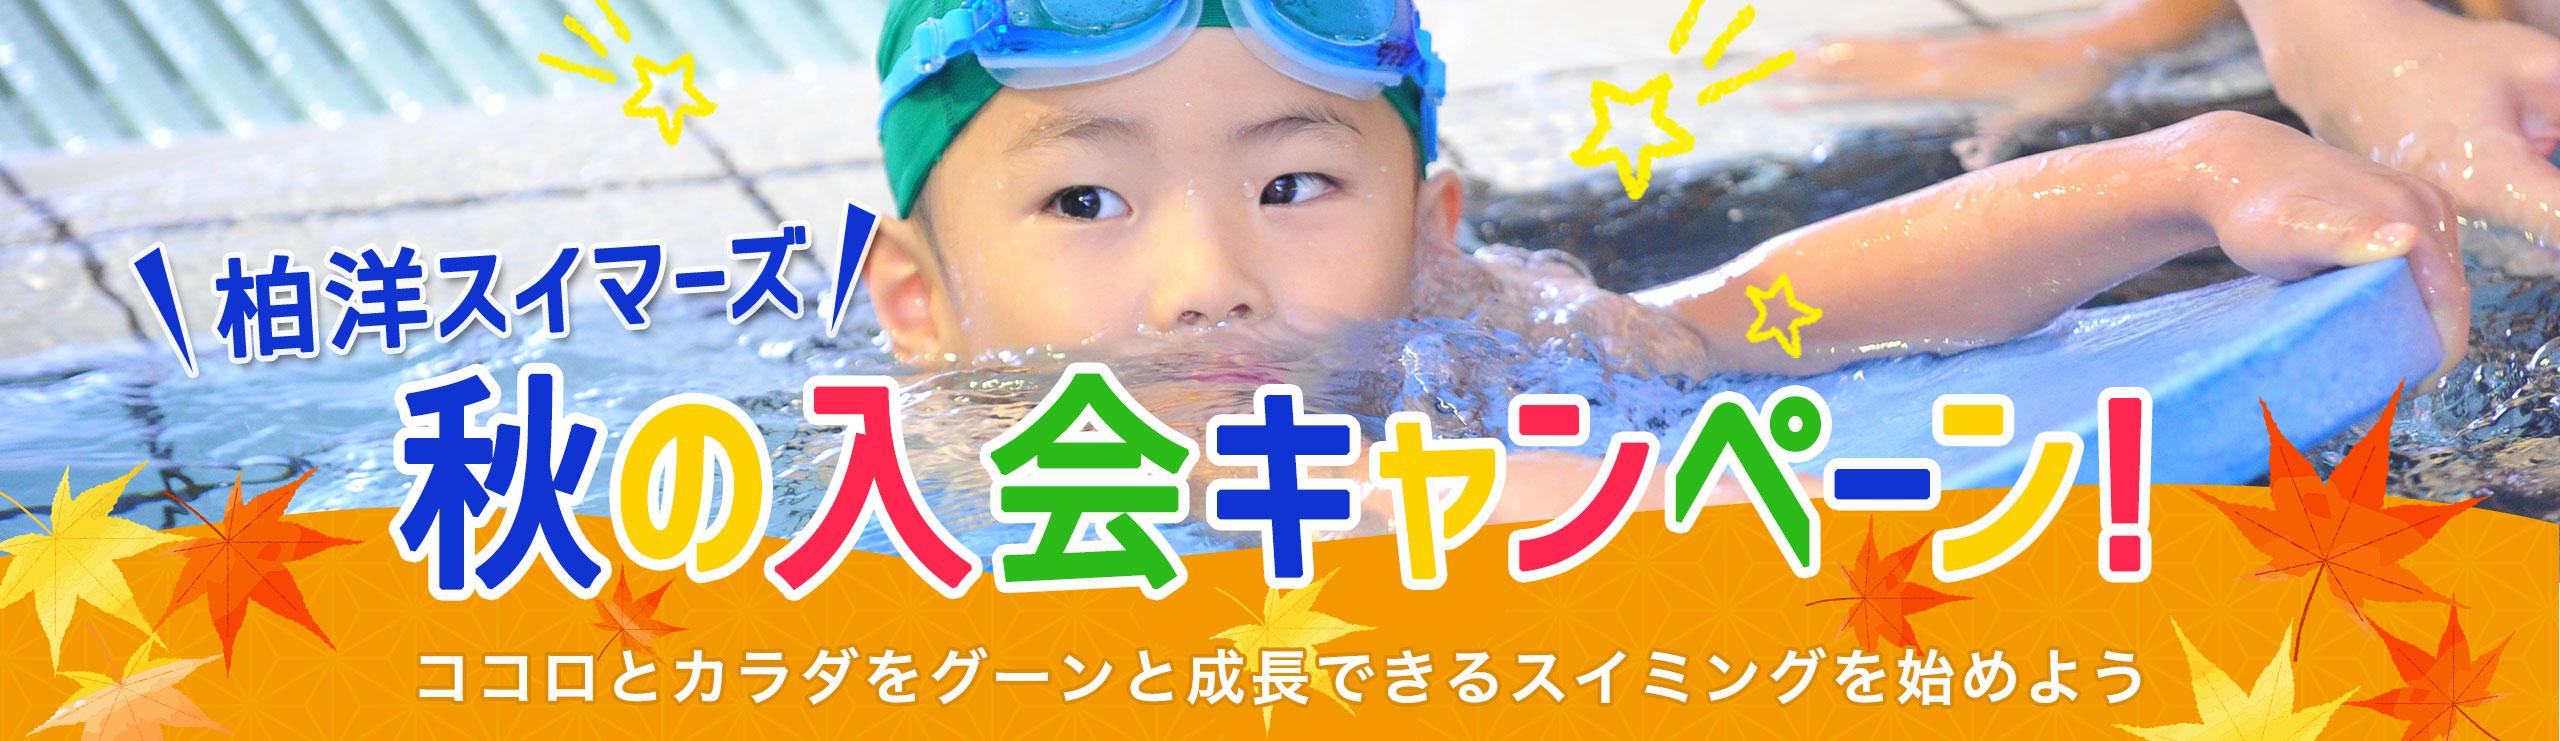 柏洋スイマーズ 秋の入会キャンペーン!